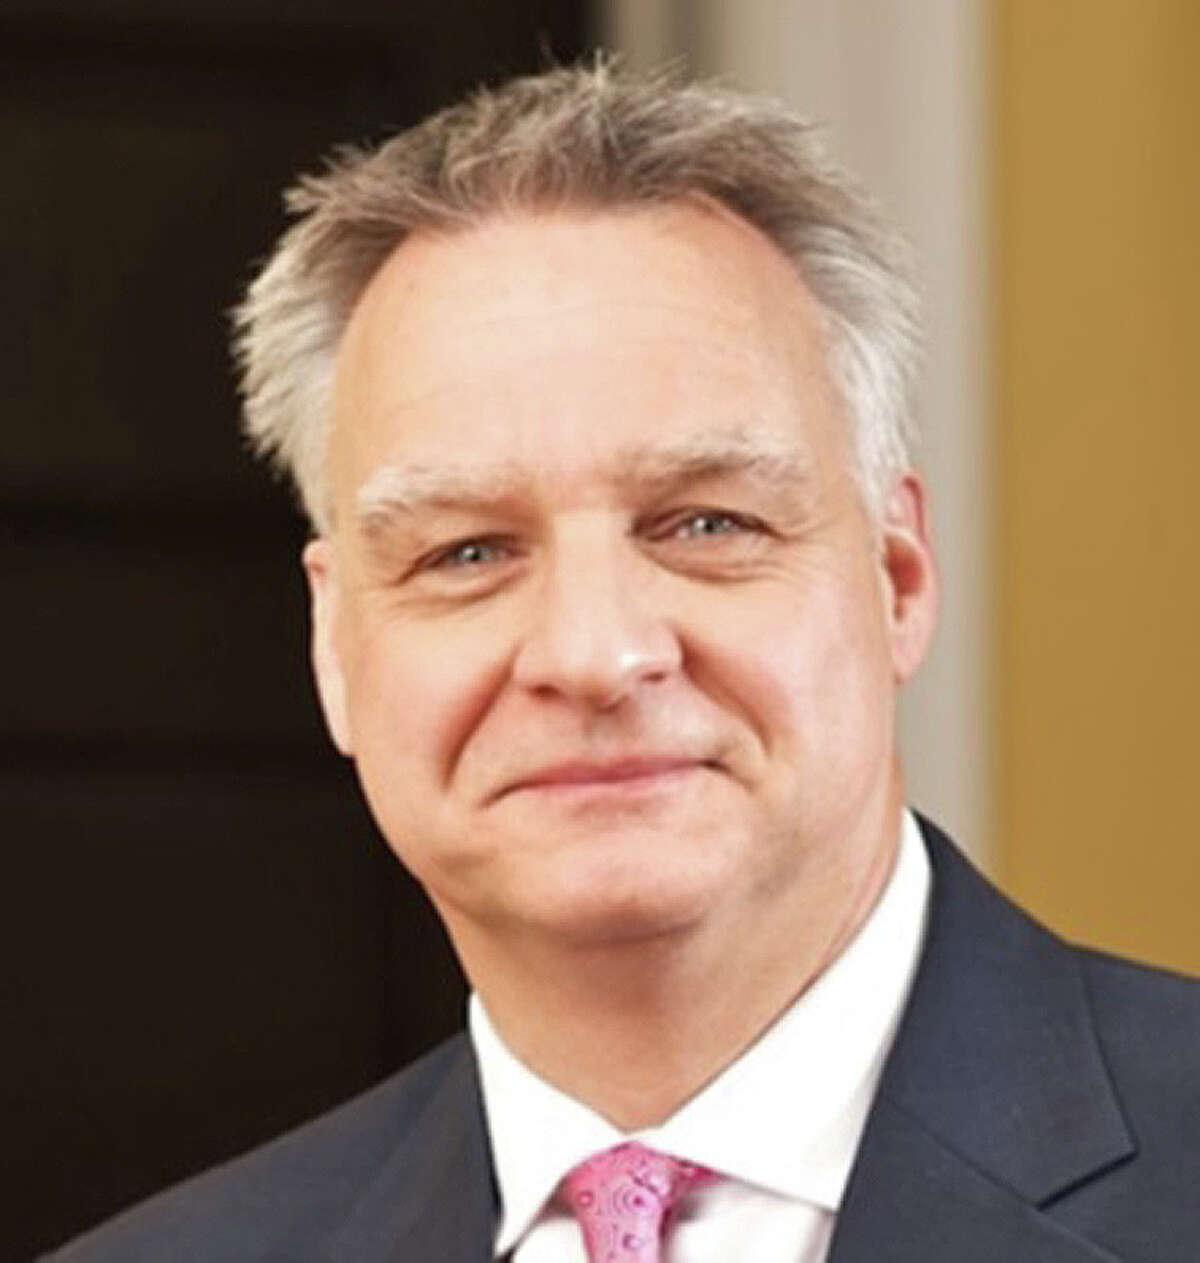 Robert Tullis